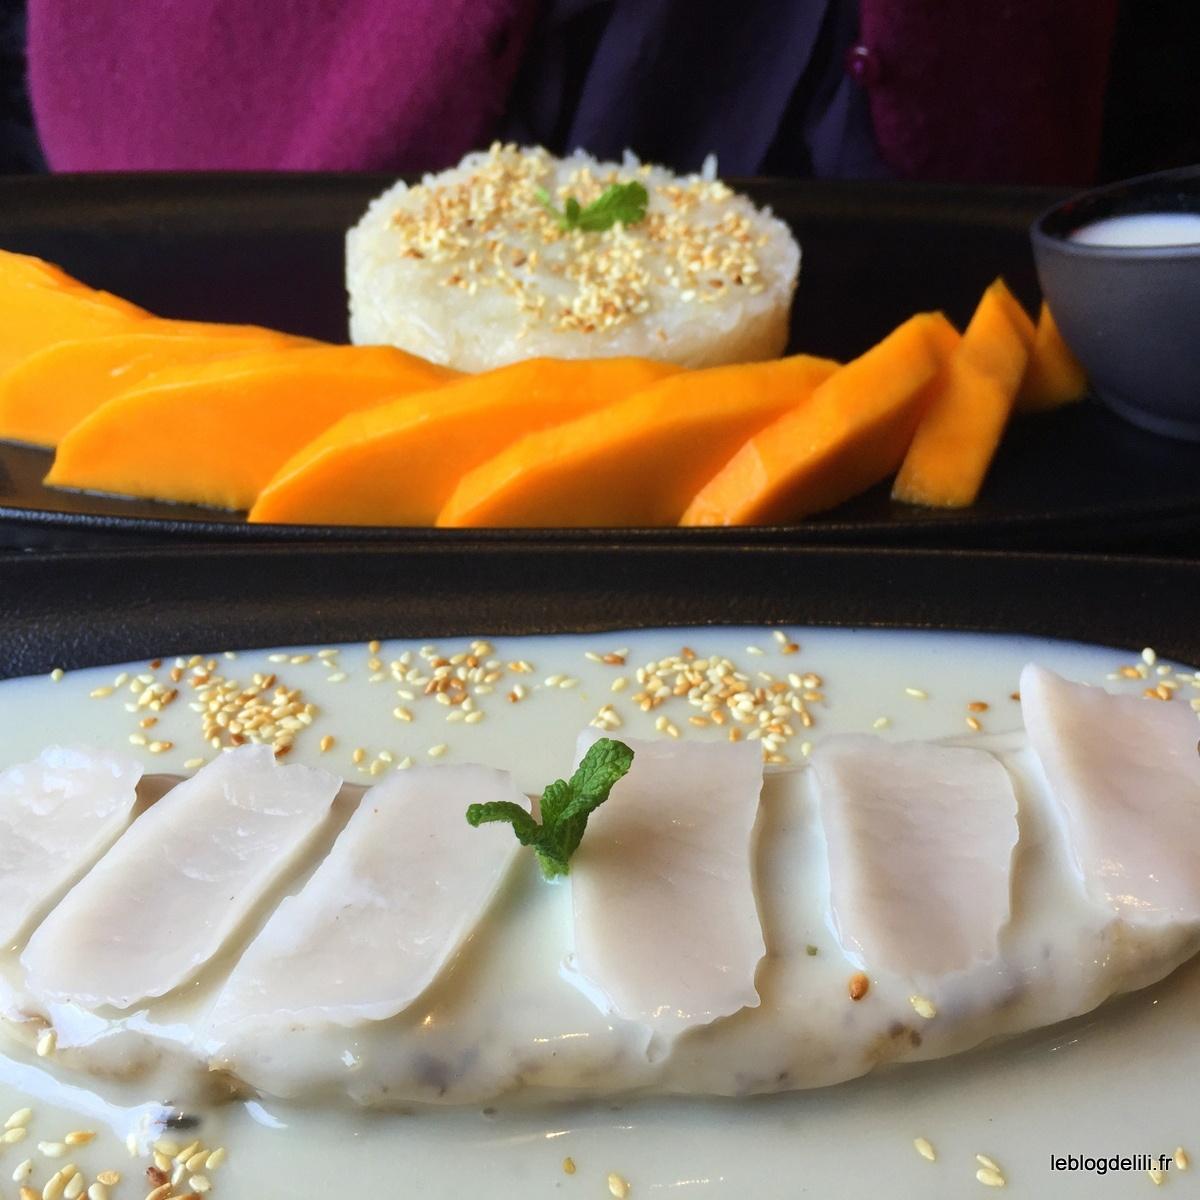 Piment thaï : la gastronomie thaïlandaise au cœur de Paris